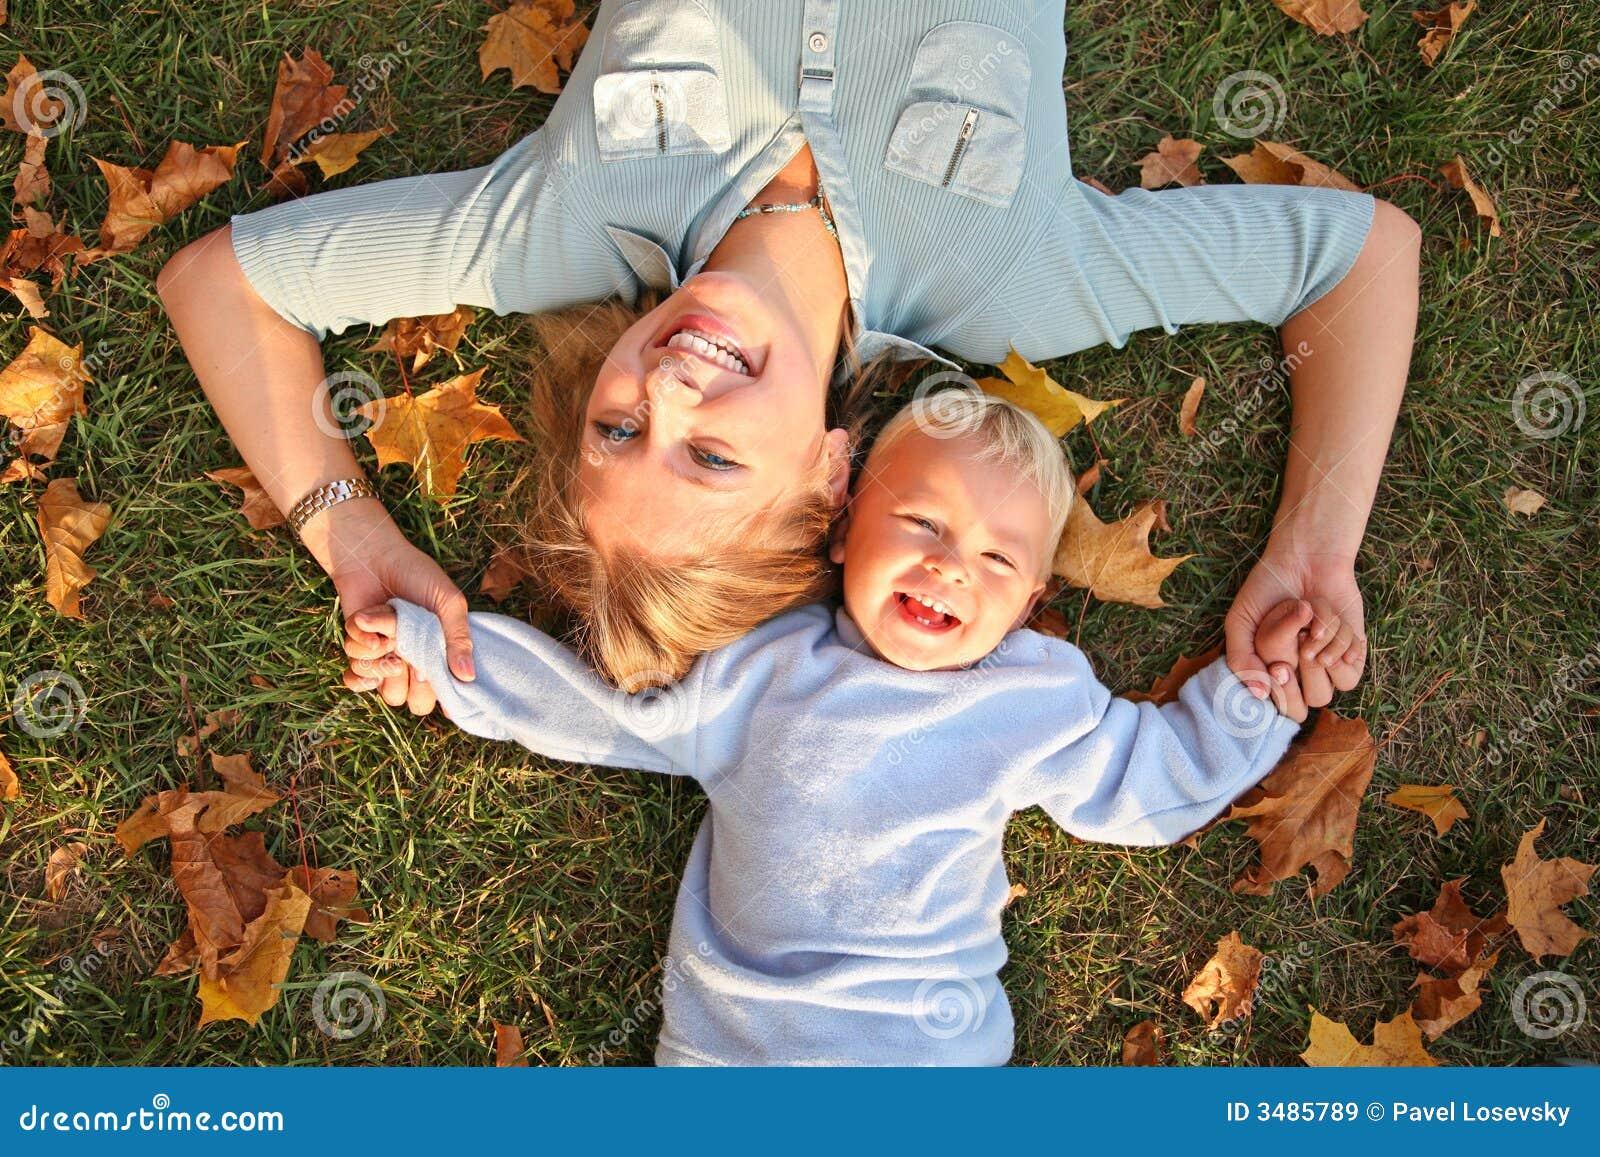 Фотосет мамы с сыном 1 фотография